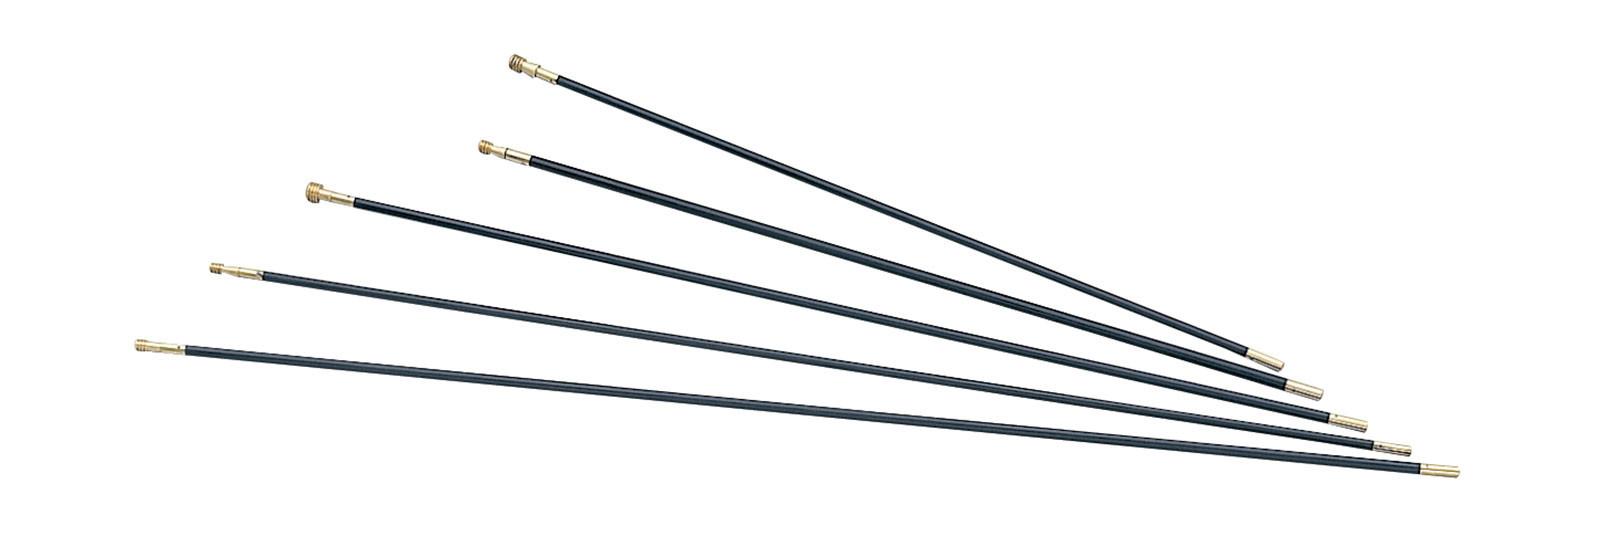 Fiber rod frontier .45 9x980 mm